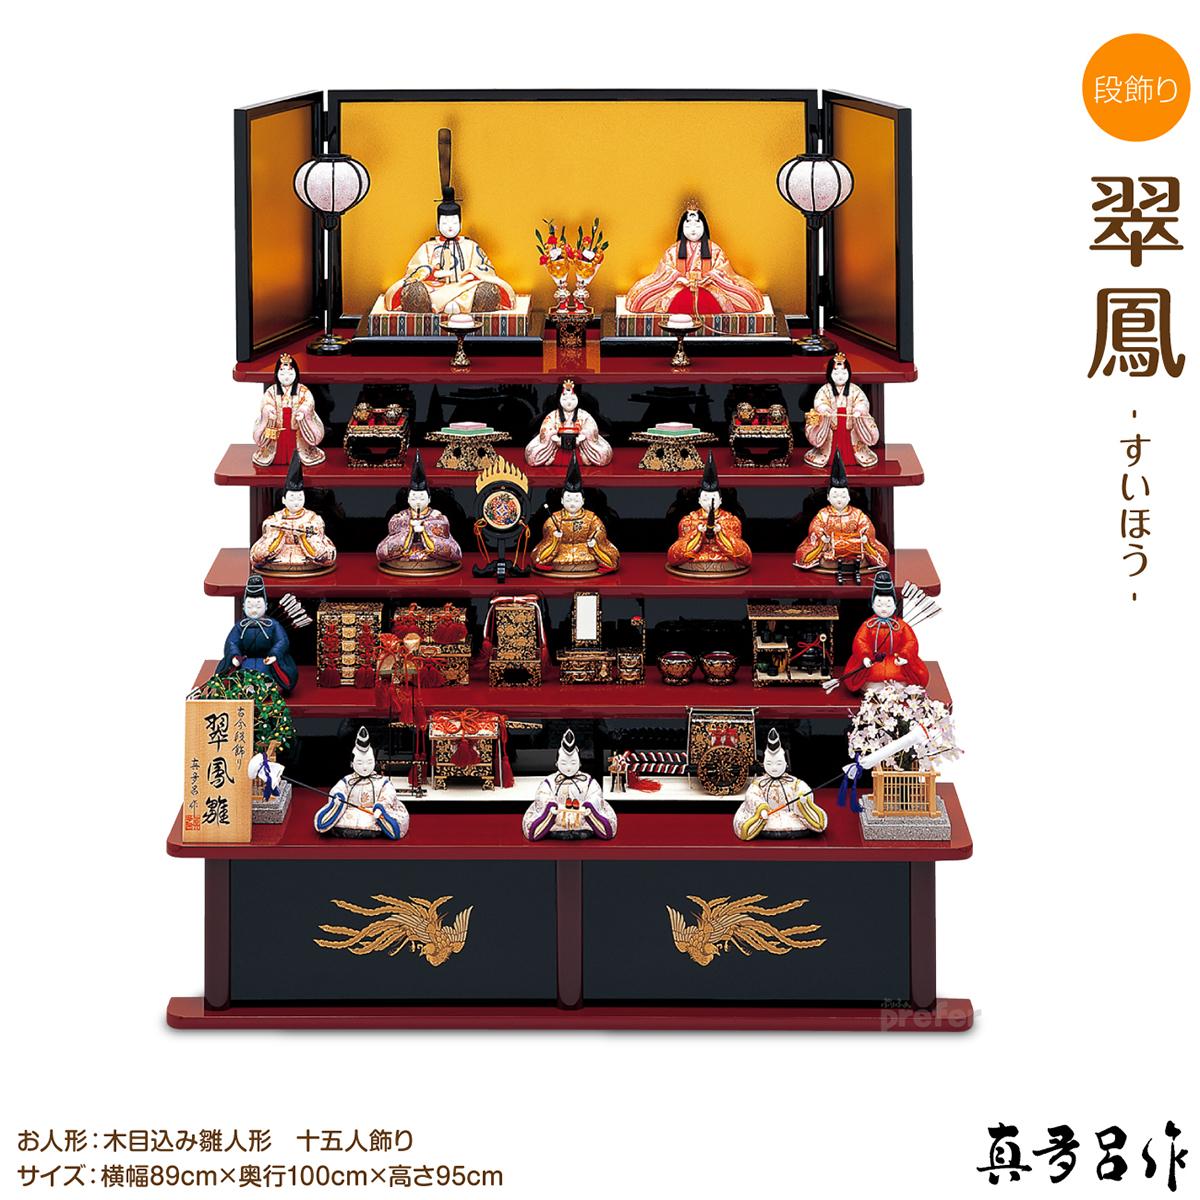 ひな人形 真多呂人形 木目込み雛人形 翠鳳(すいほう)15人揃 五段 段飾り おひな様 ひな祭り